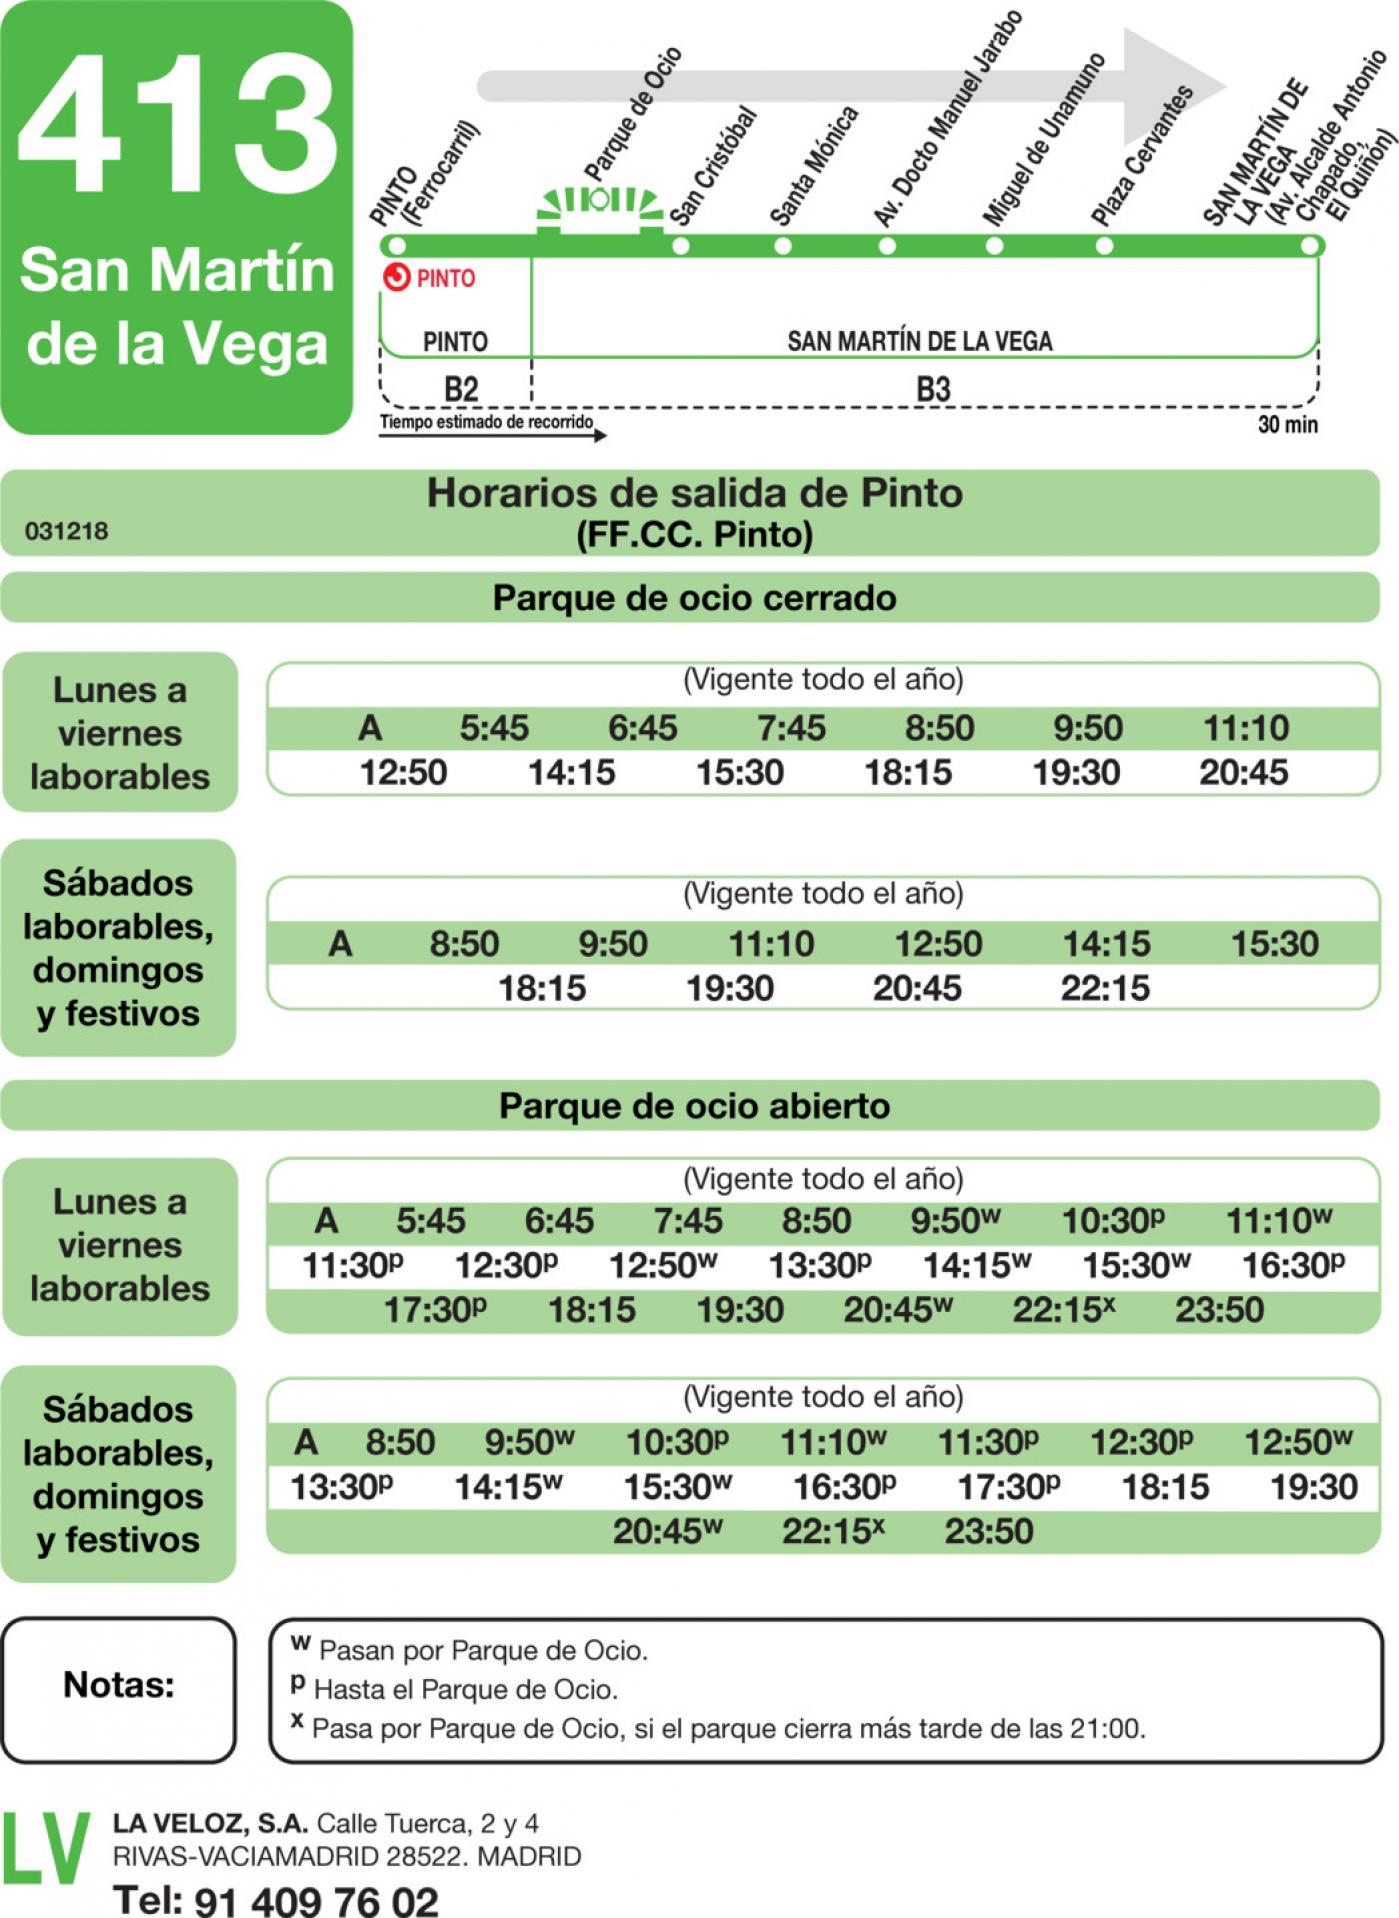 Tabla de horarios y frecuencias de paso en sentido ida Línea 413: Pinto - San Martín de la Vega - Parque Warner